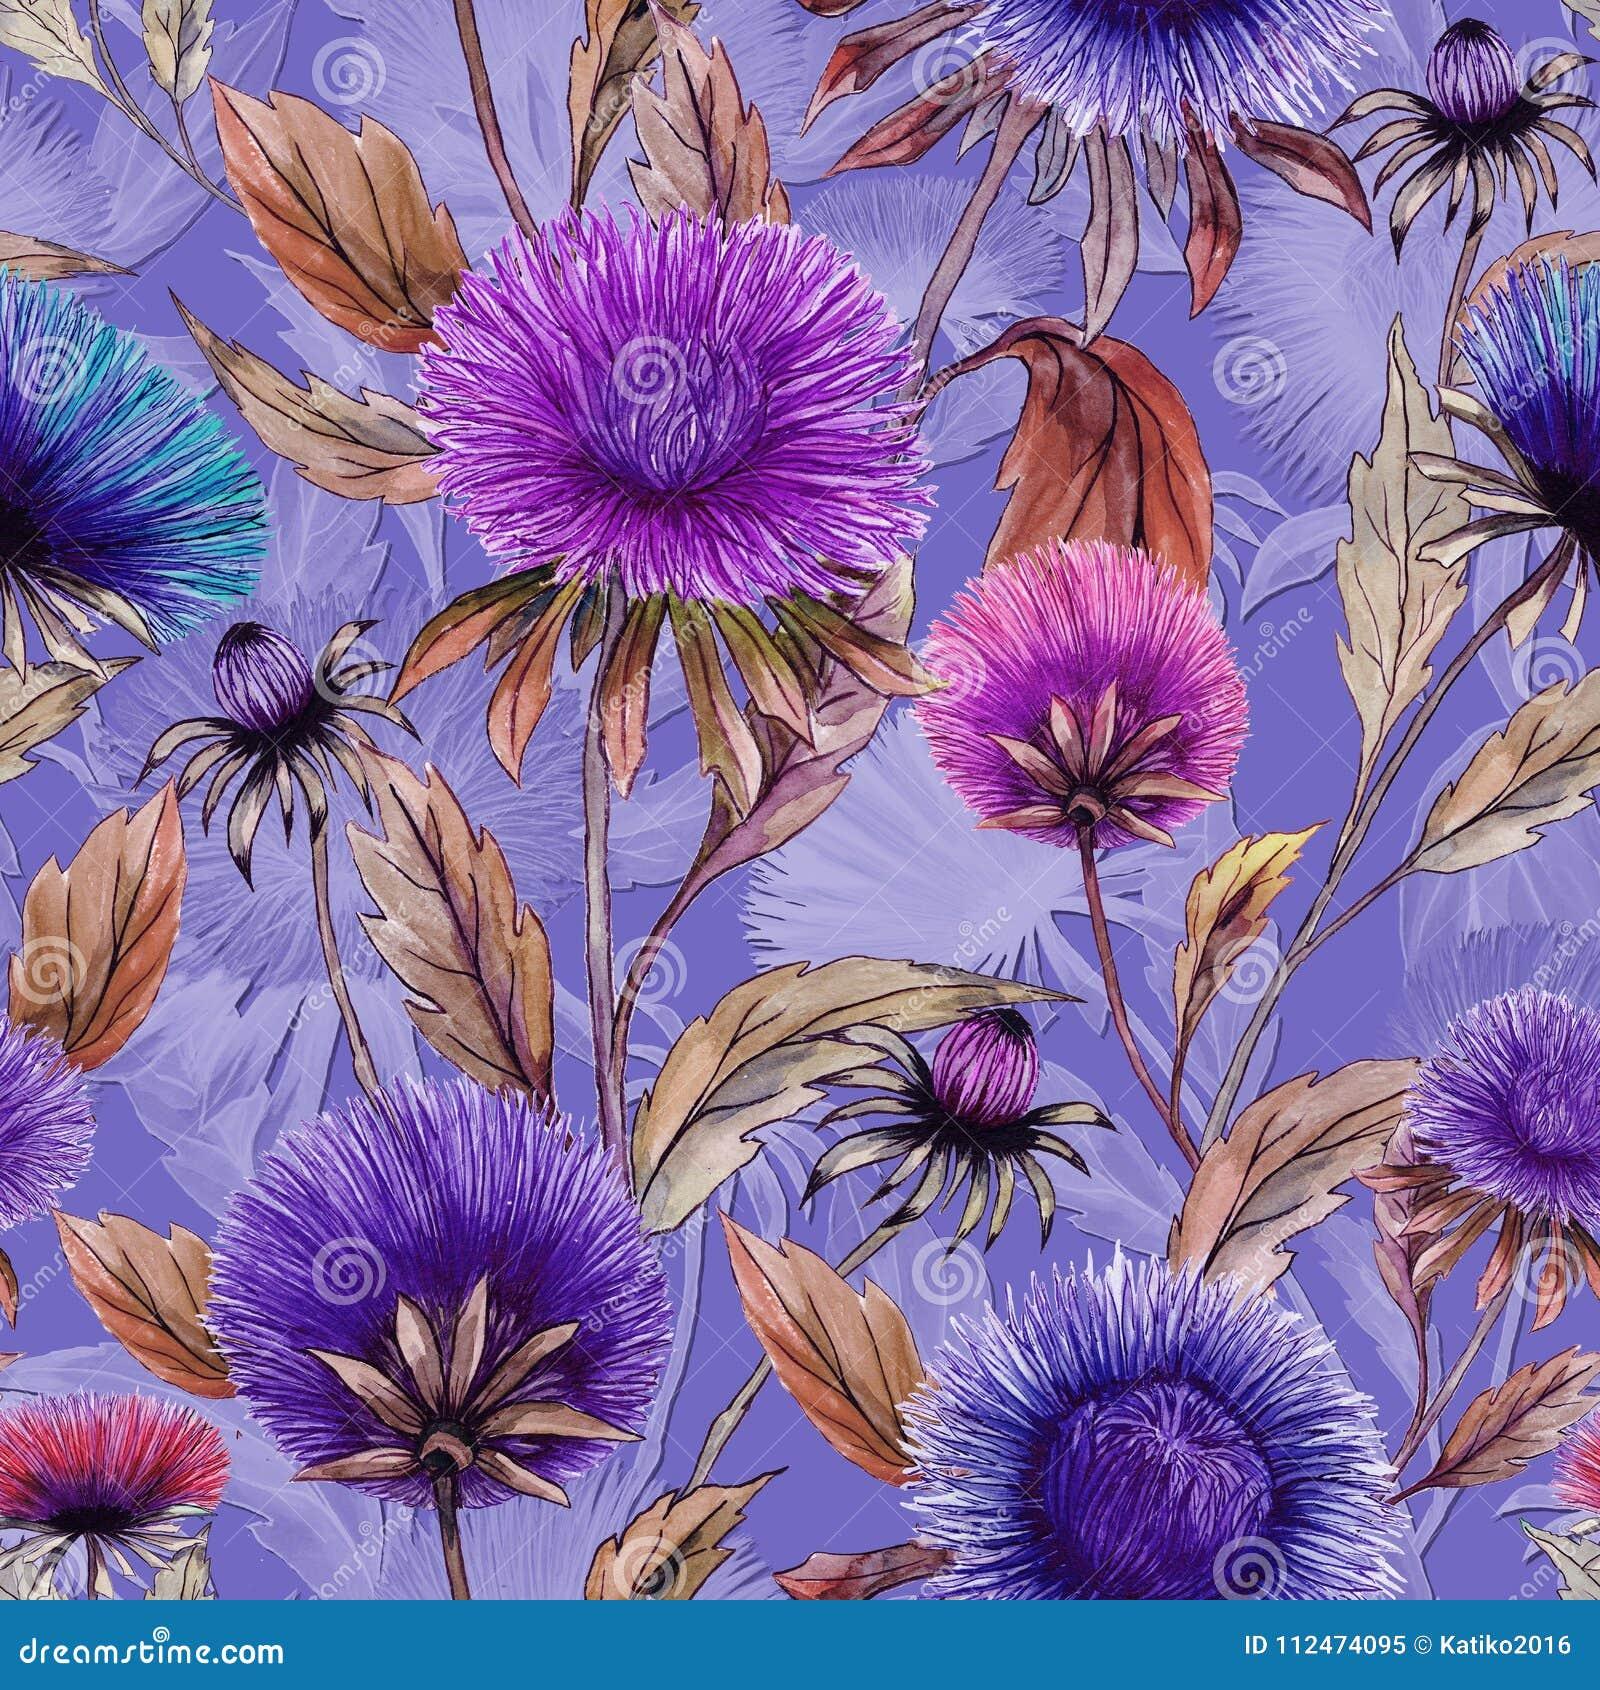 Ο όμορφος αστέρας ανθίζει στα διαφορετικά φωτεινά χρώματα με τα καφετιά φύλλα στο ιώδες υπόβαθρο floral πρότυπο άνευ ραφής